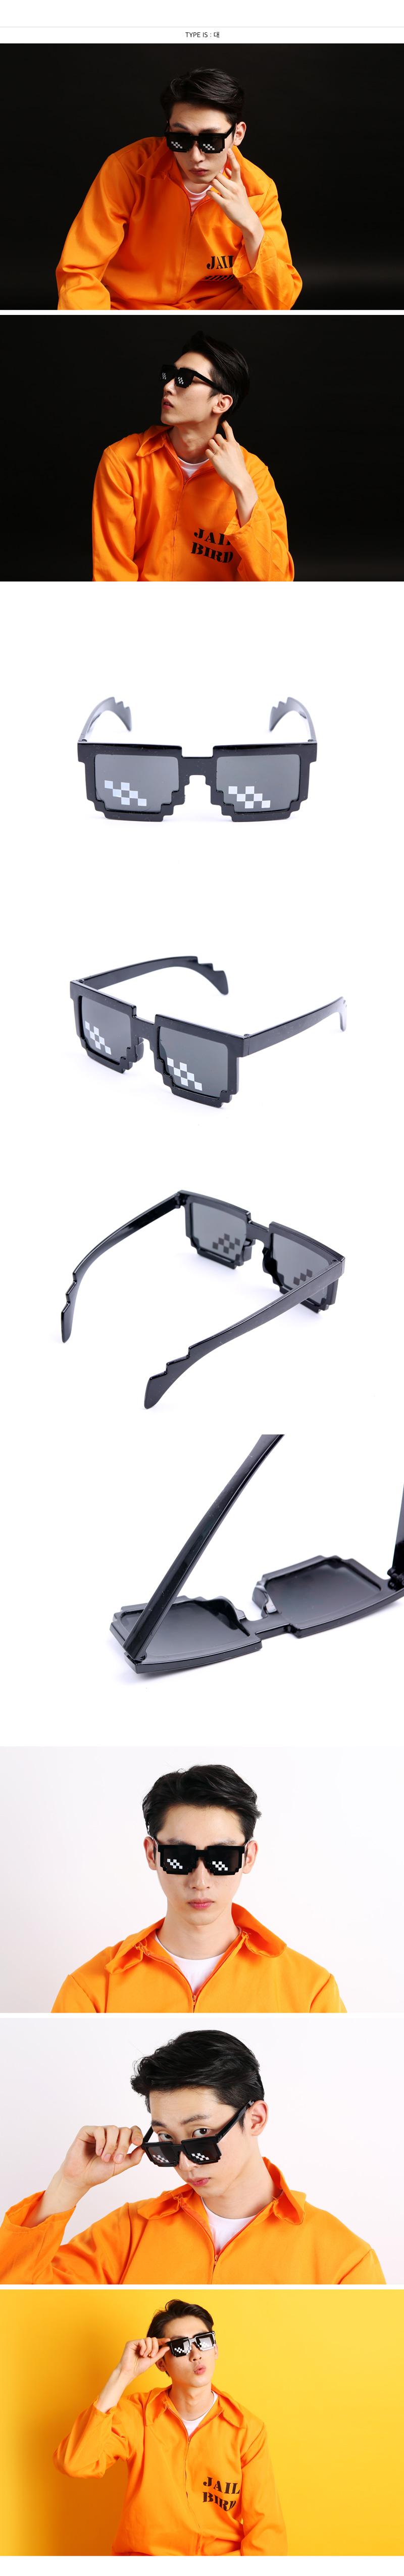 픽셀 안경 (소) - 파티해, 2,500원, 파티의상/잡화, 가면/안경